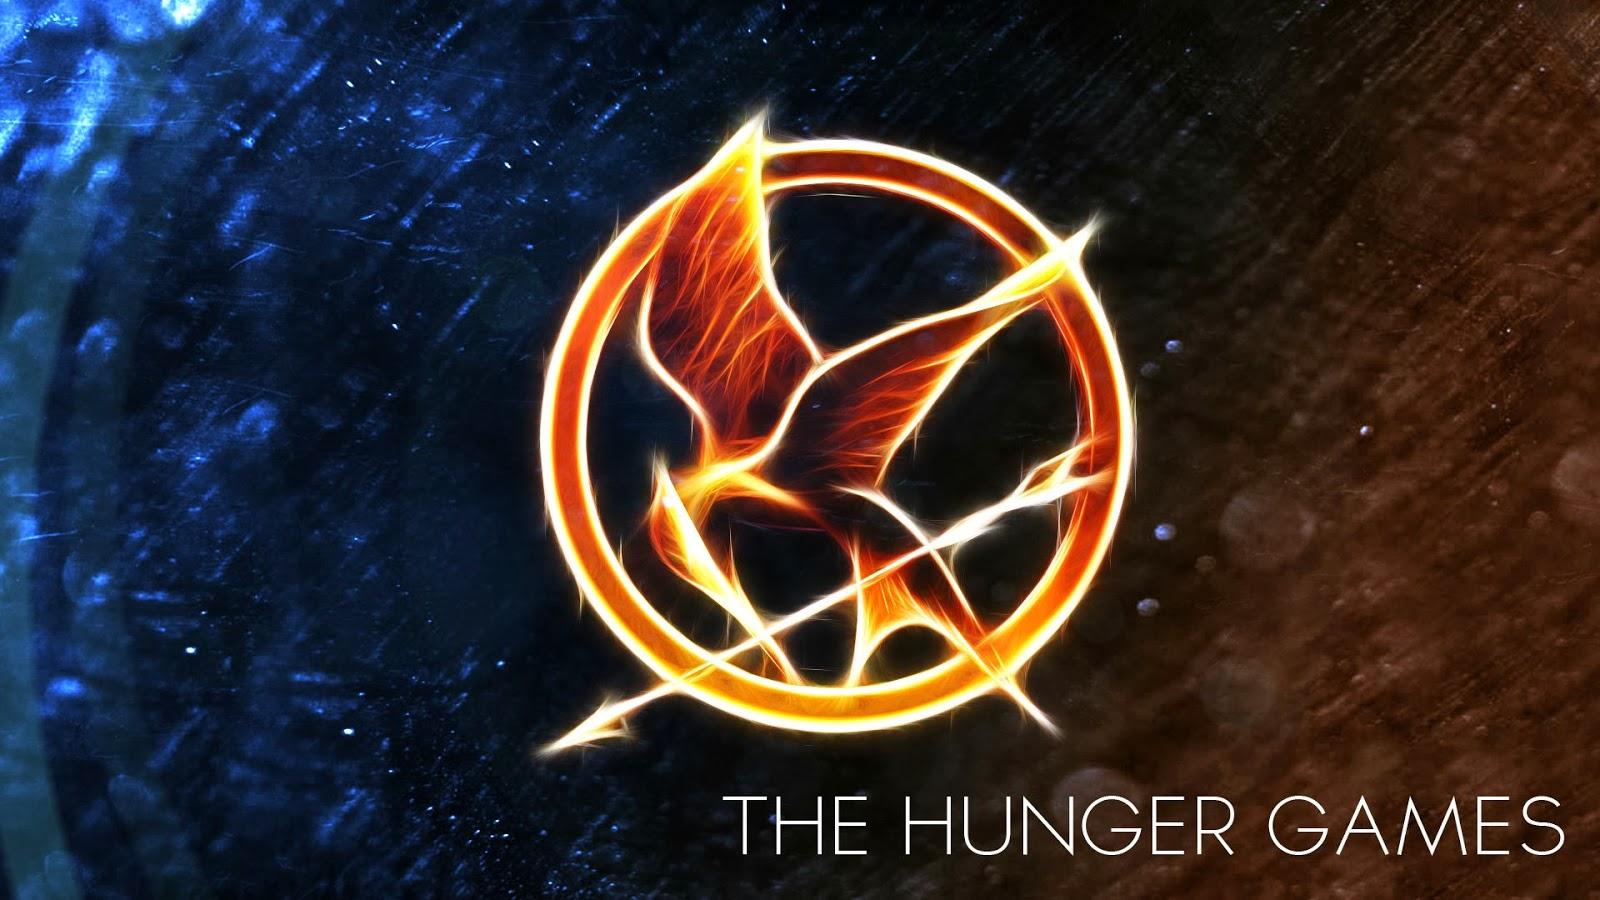 the hunger games wallpaper full hd